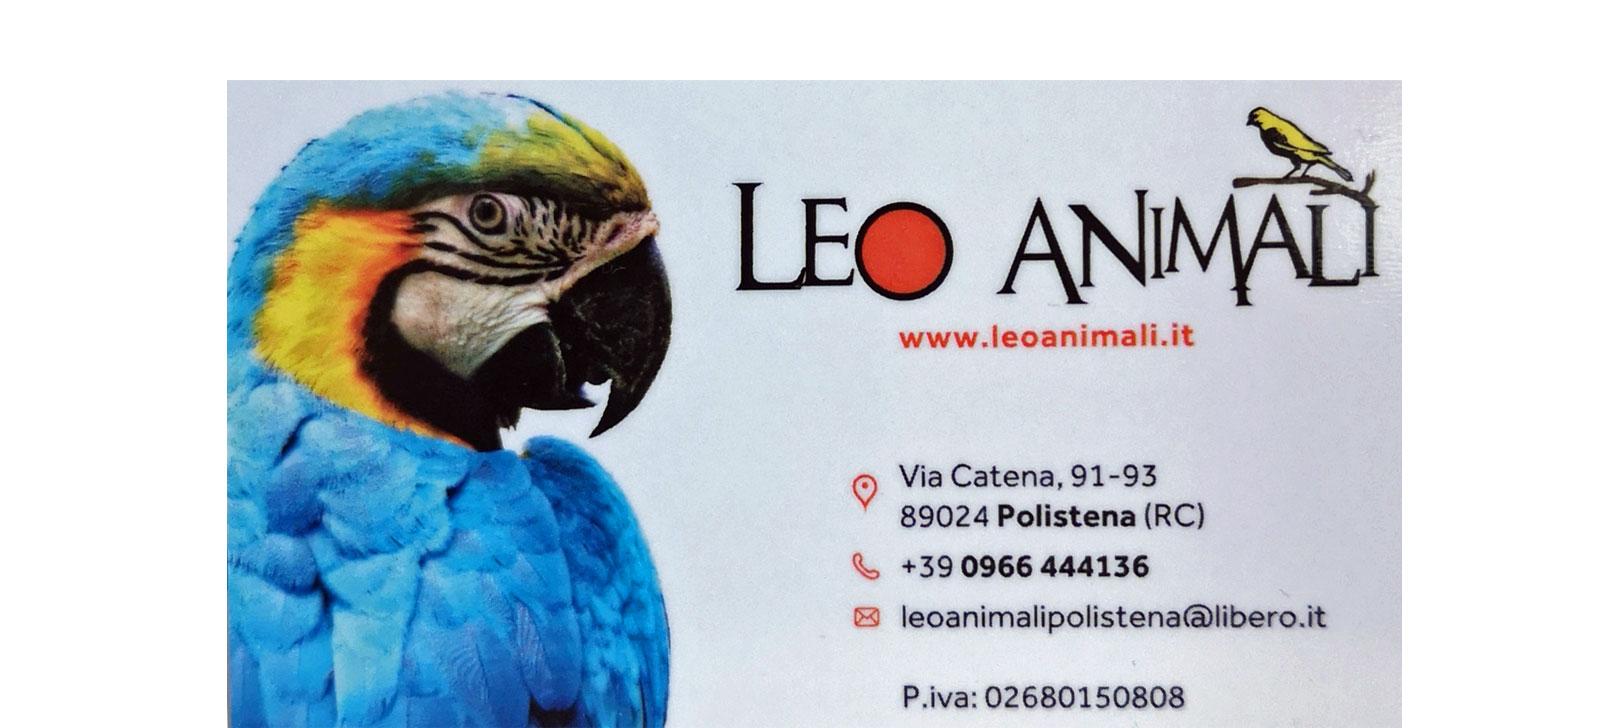 Leo Animali Polistena Reggio Calabria